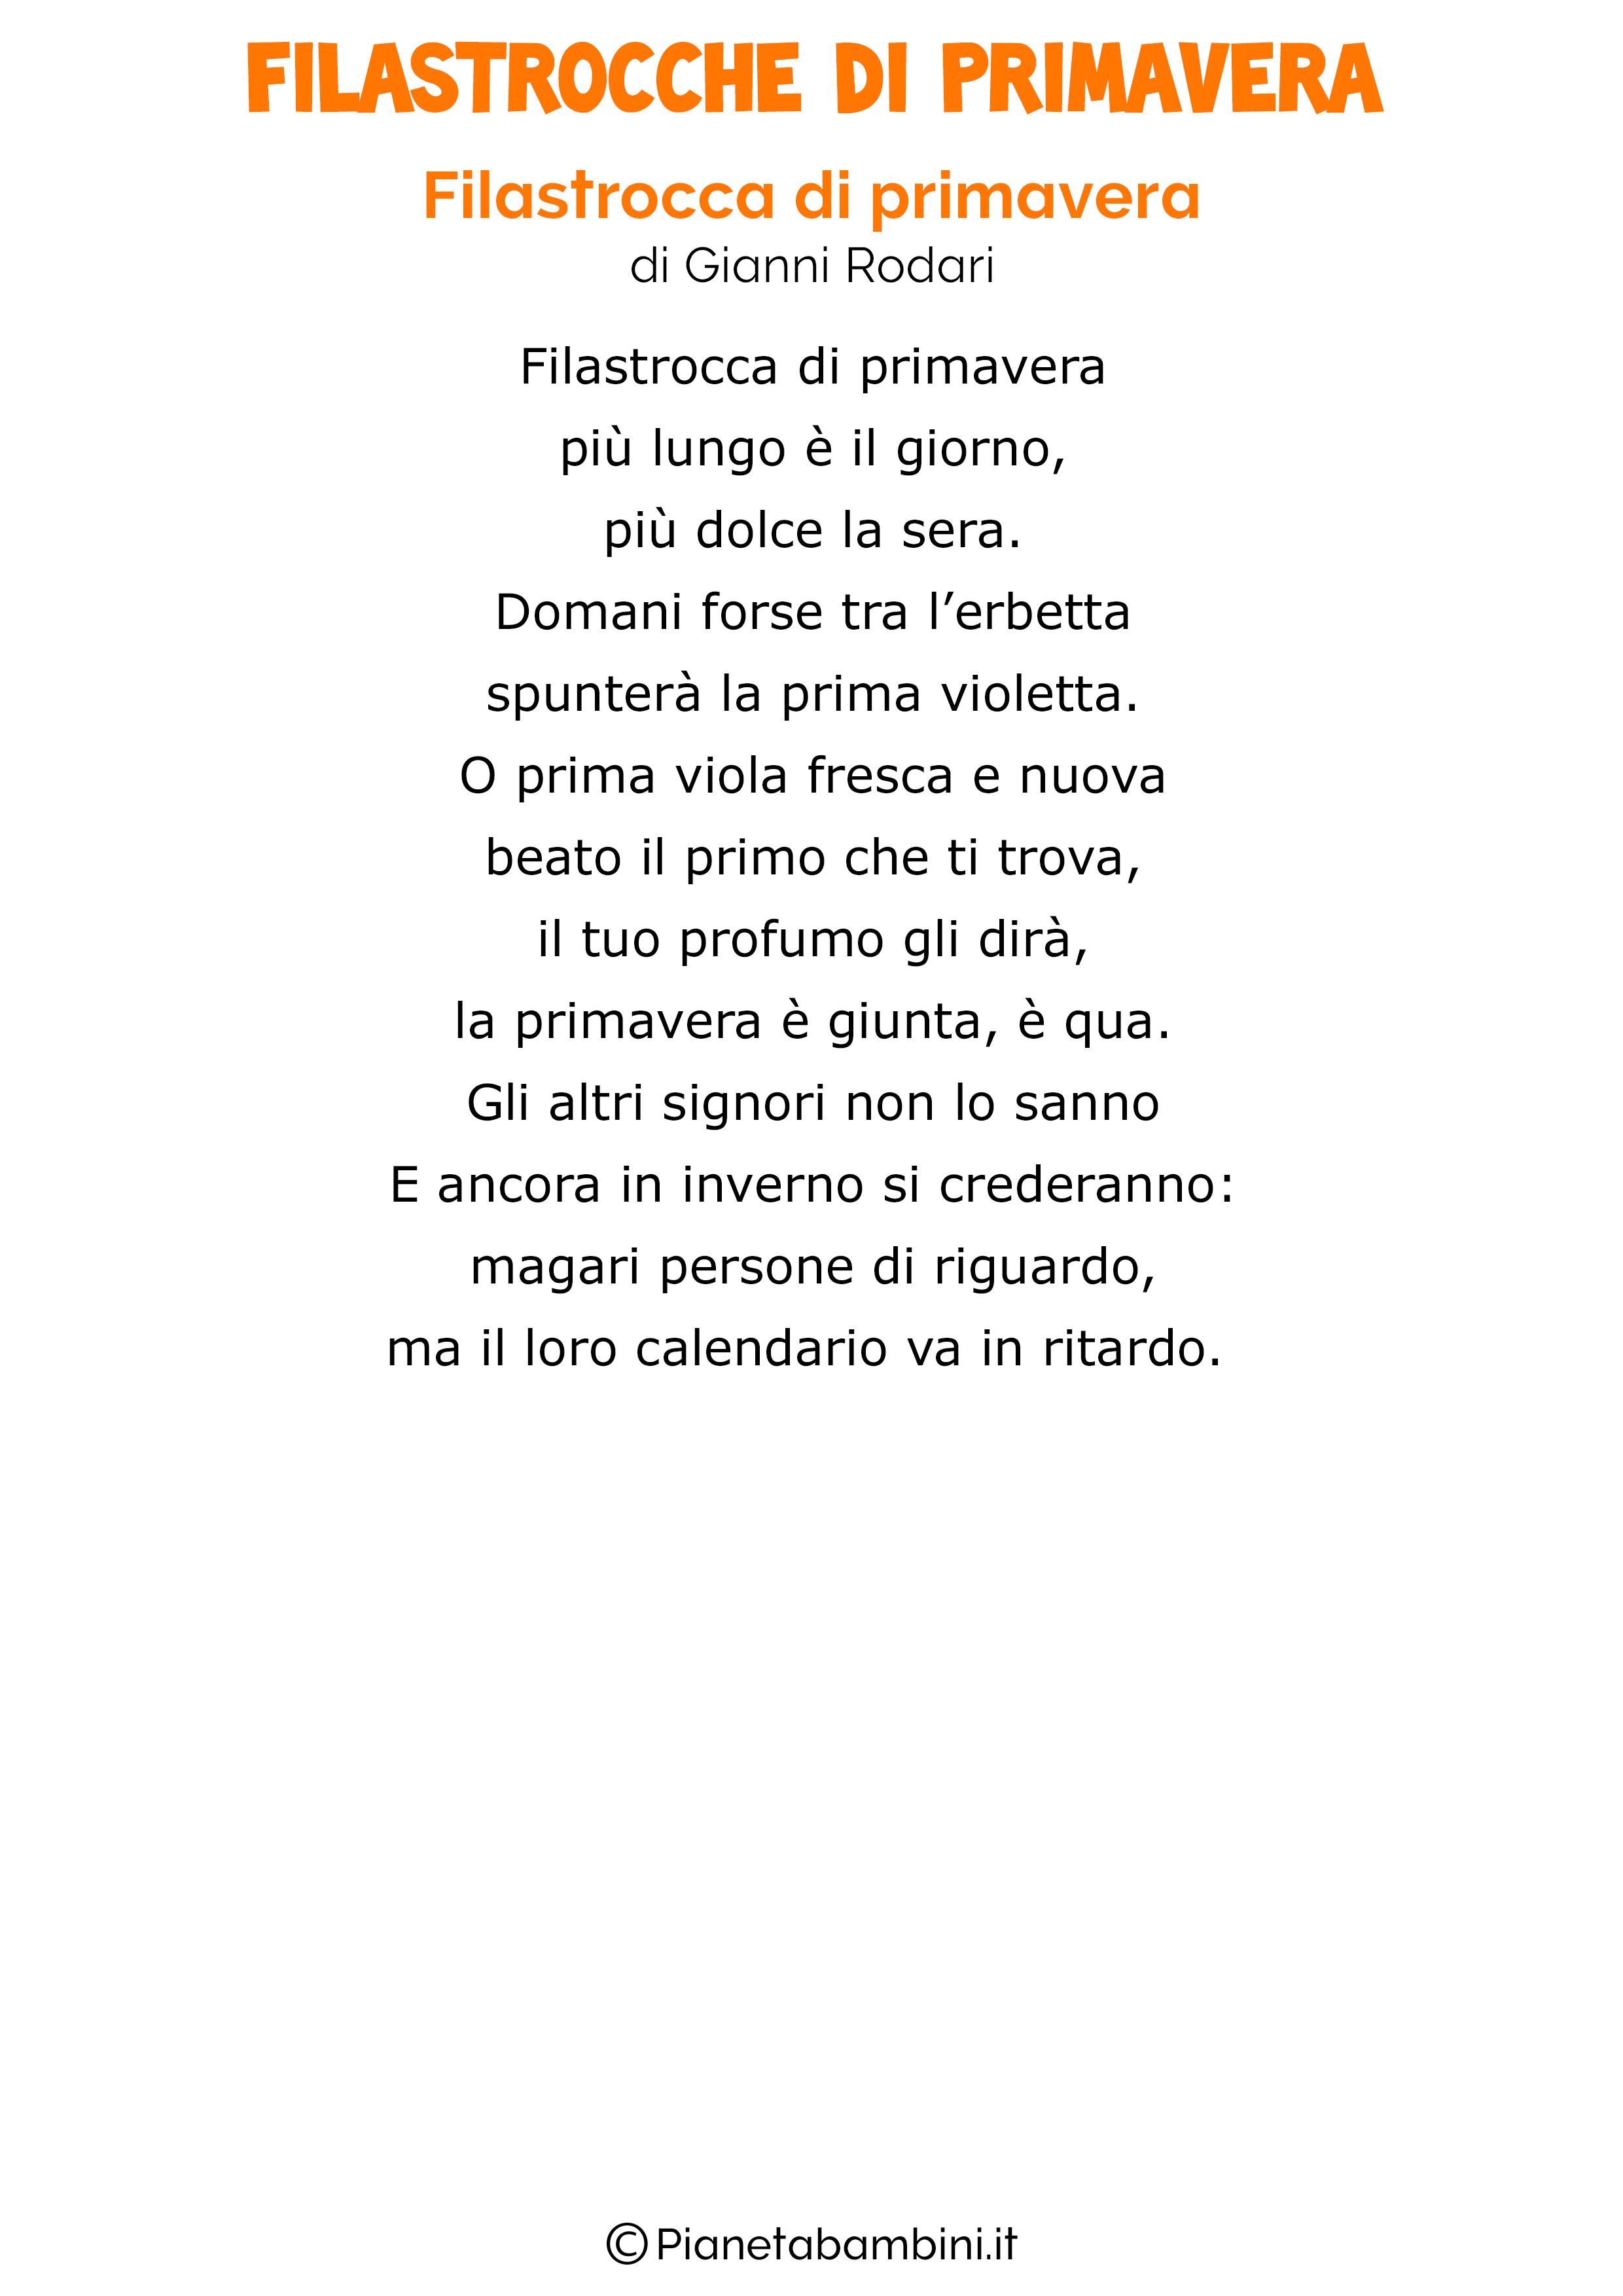 Filastrocca-di-primavera-Gianni-Rodari